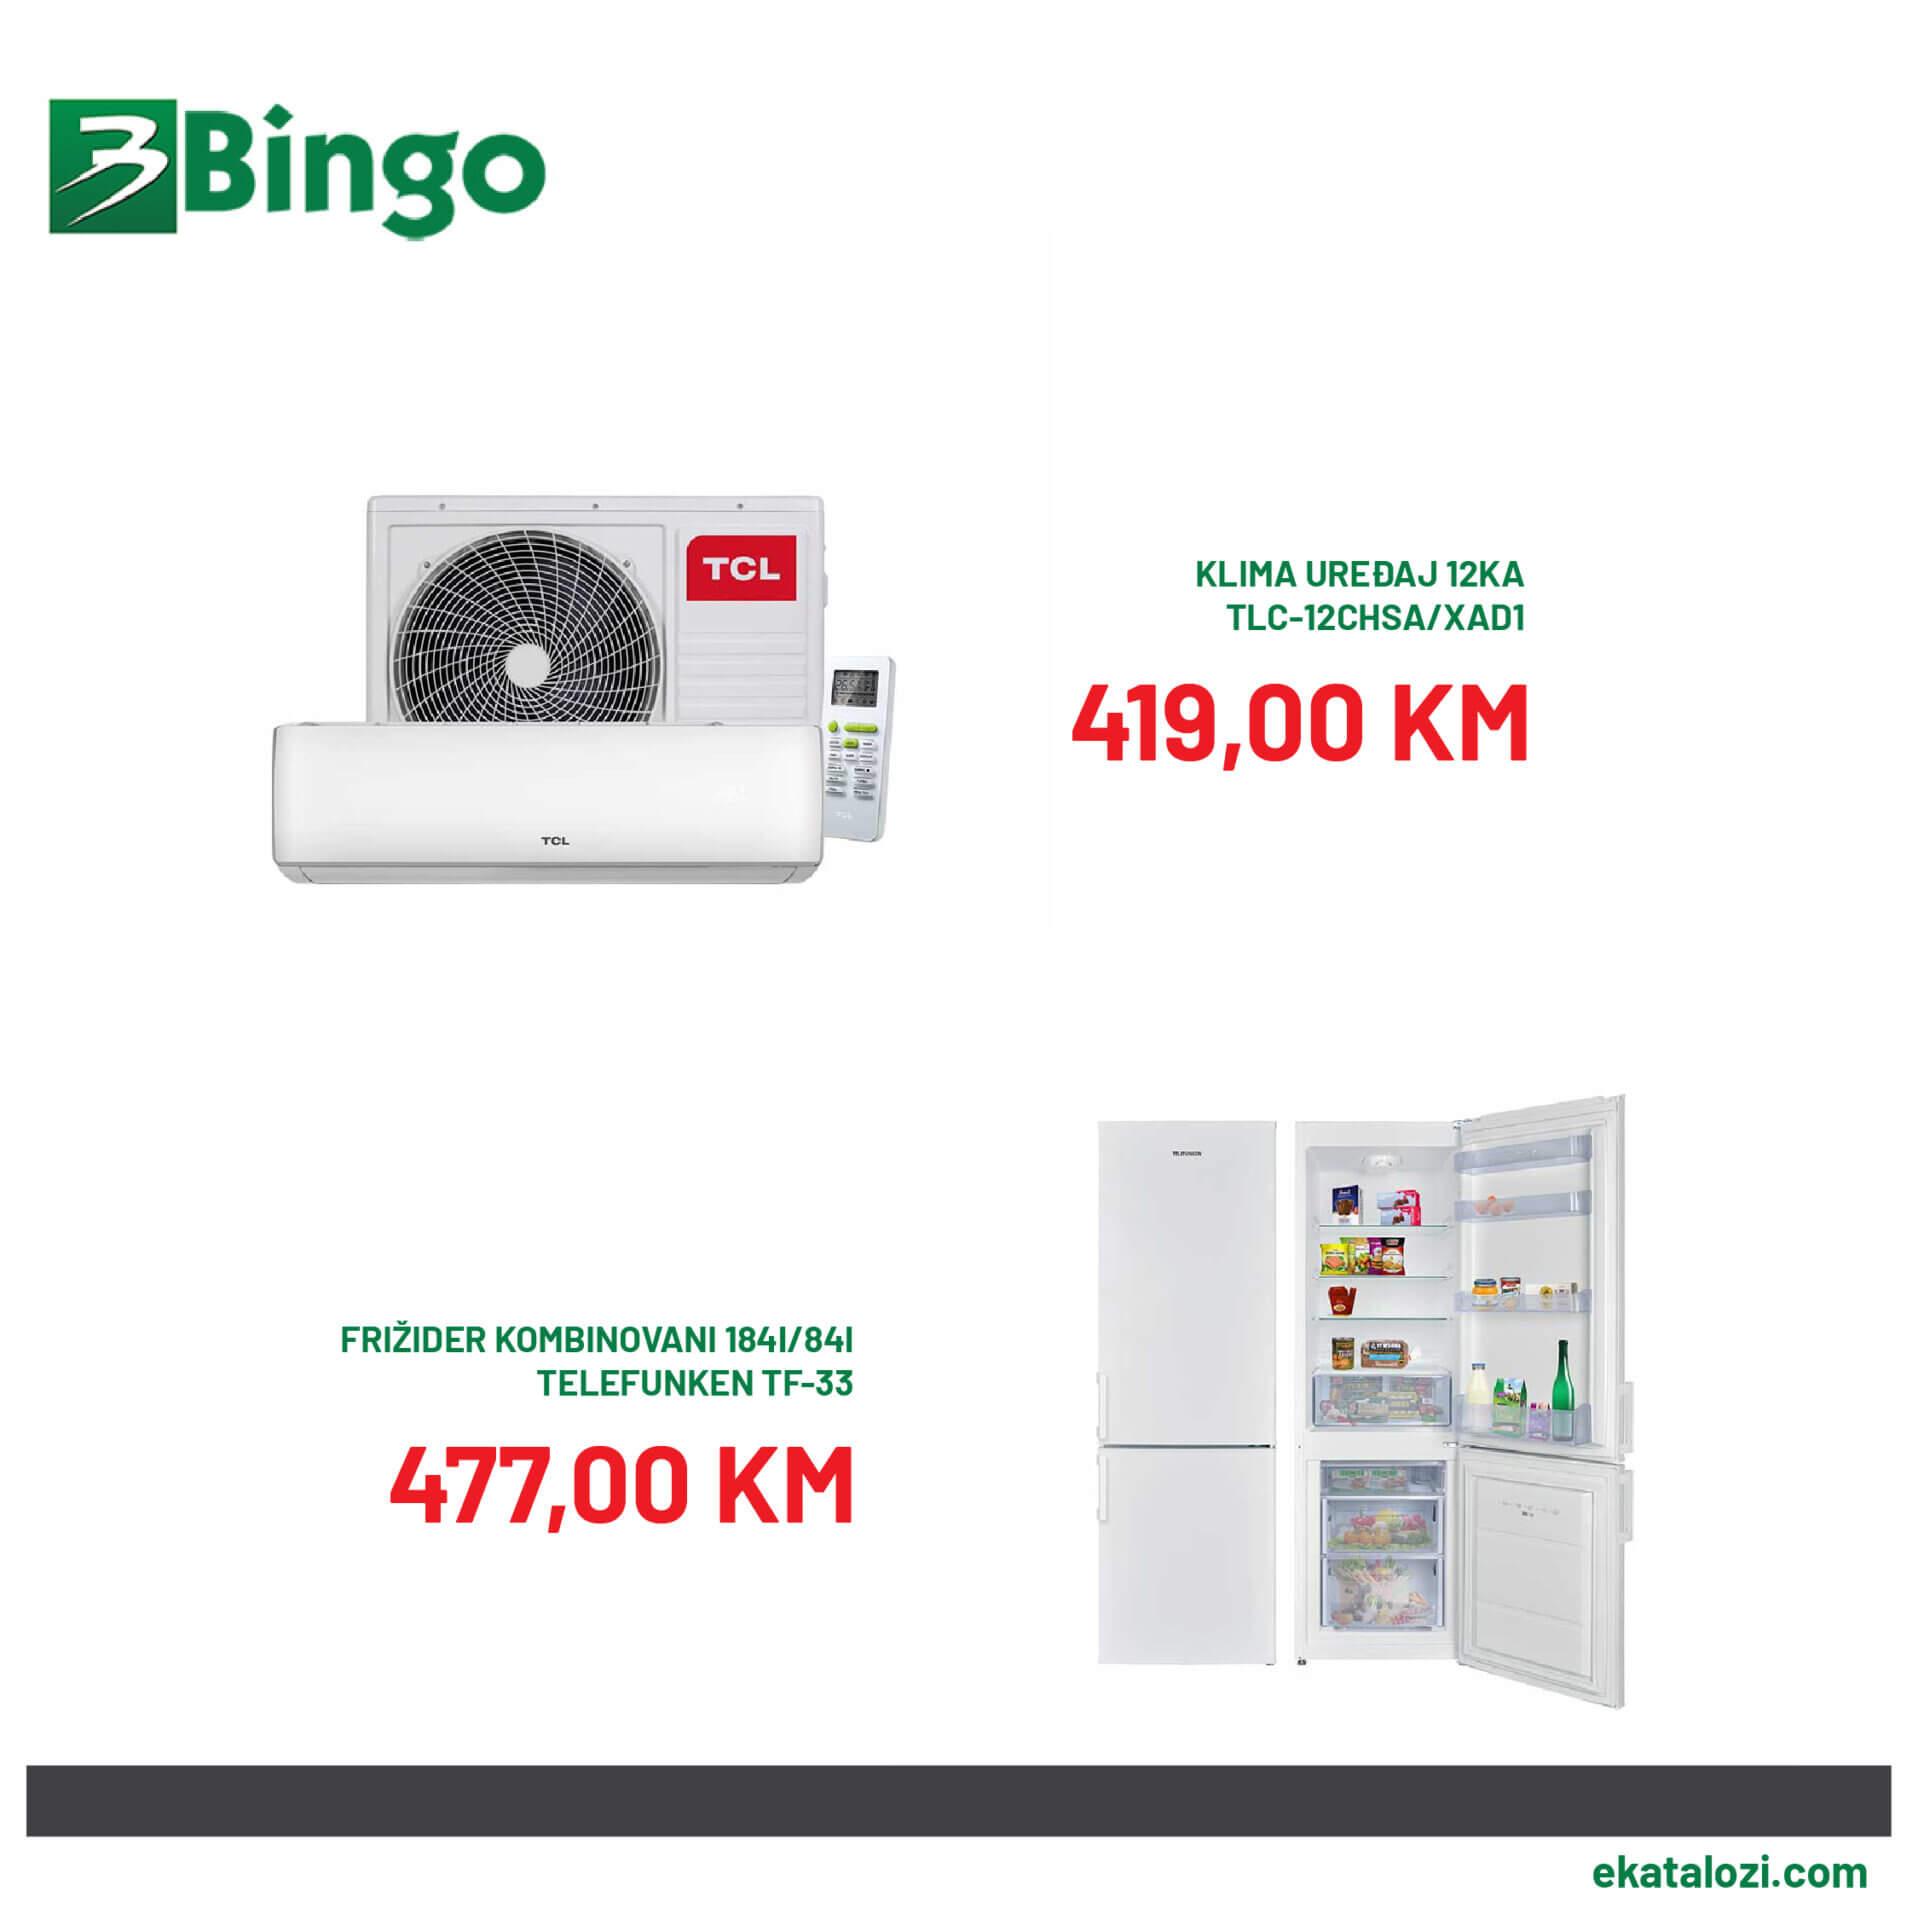 BINGO Super akcija AVGUST 22.8.2021. 25.8.2021 3